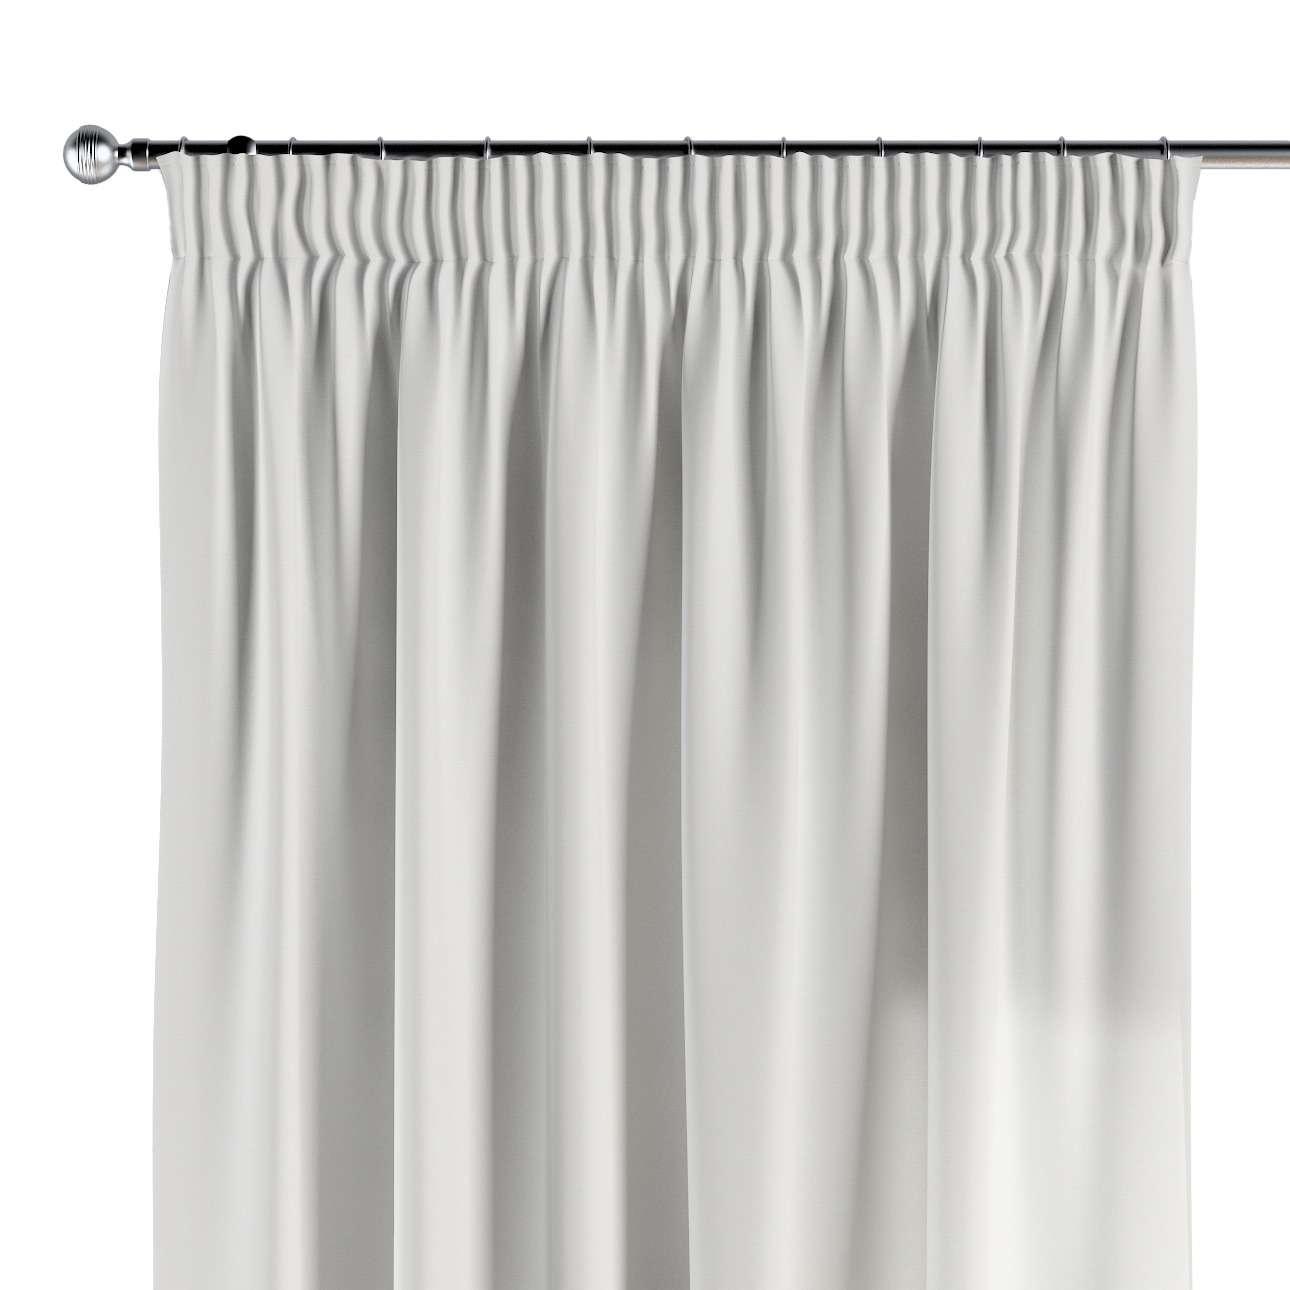 Vorhang mit Kräuselband von der Kollektion Cotton Panama, Stoff: 702-34